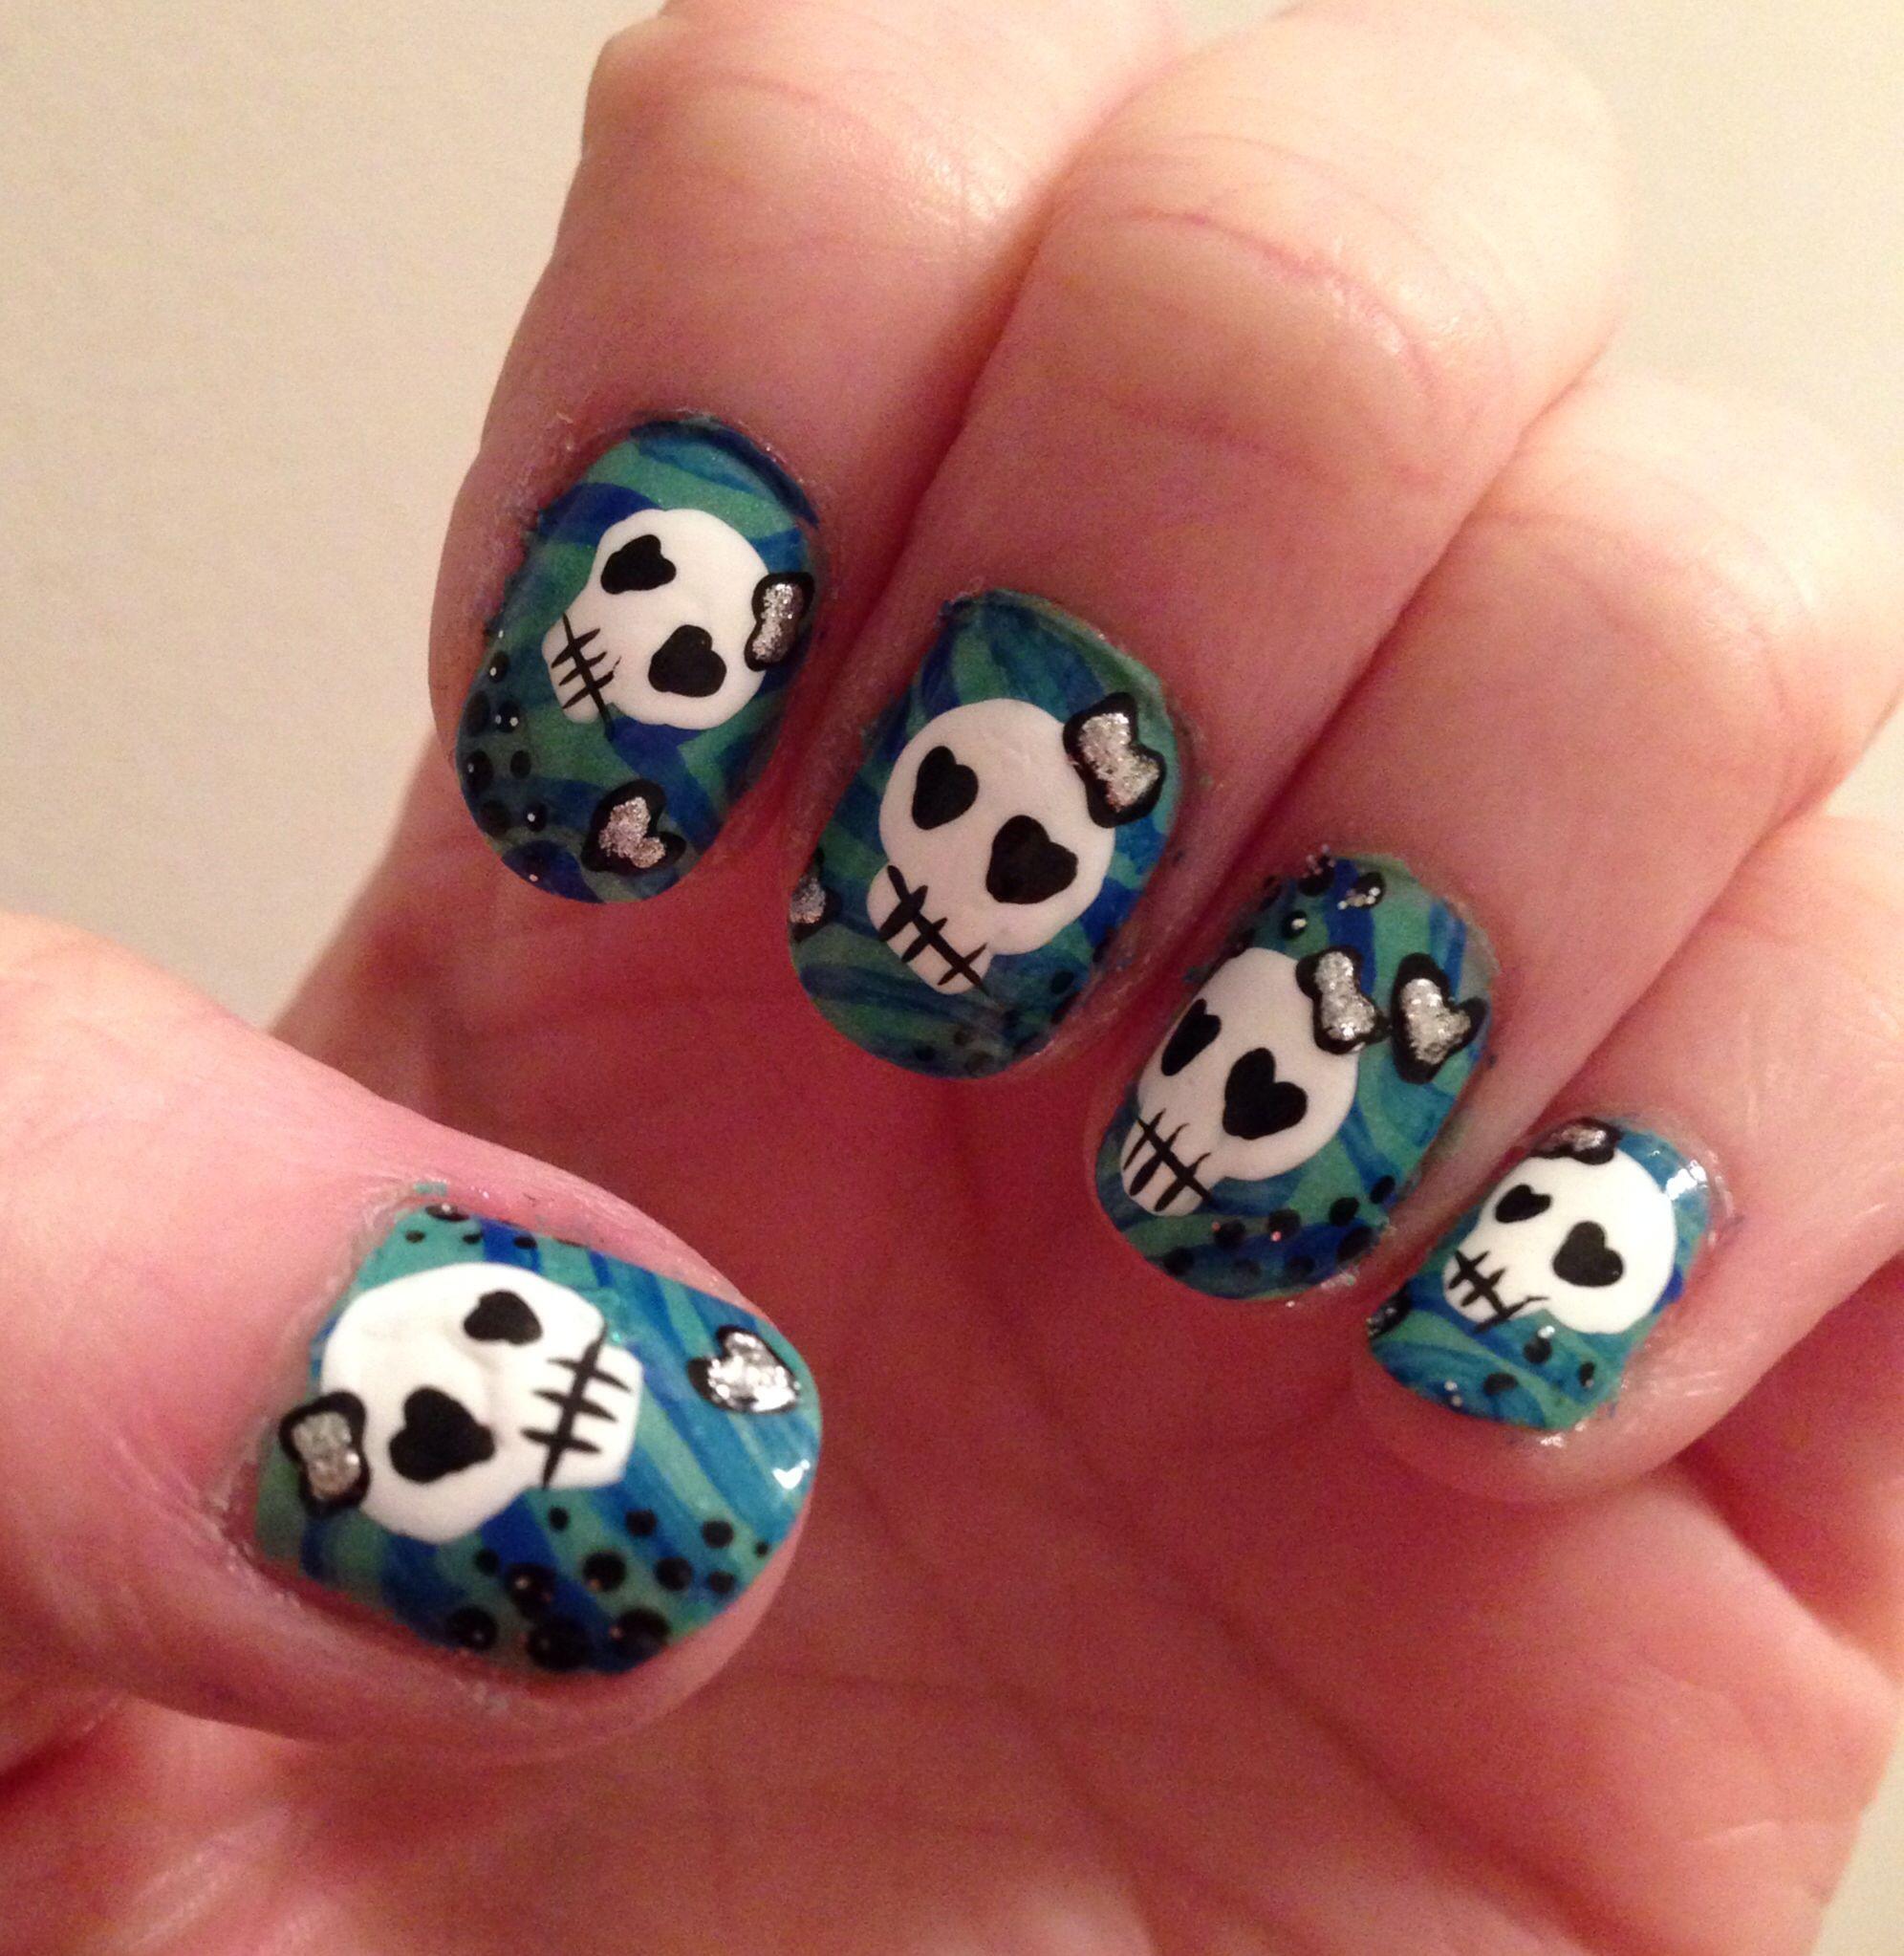 Skull Nail Art: Nails - Halloween - ☠ Skulls ☠